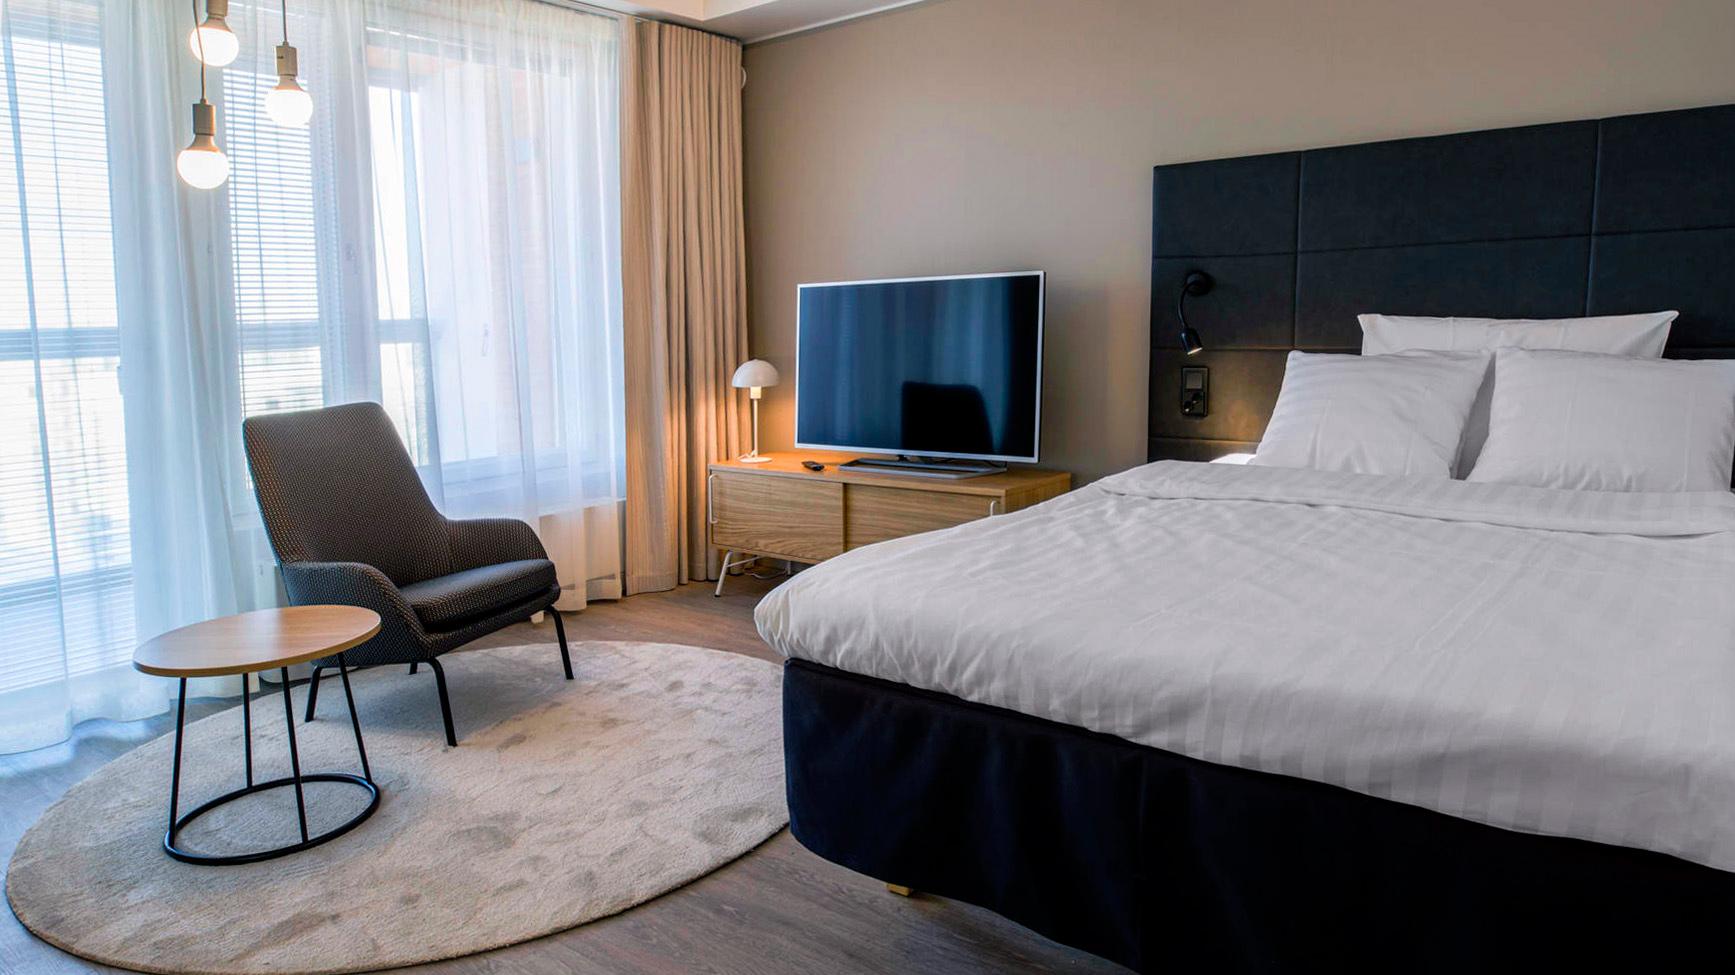 Hotel Mattsin viihtyi huoneisto sopii hyvin pidempiaikaiseen majoittumiseen.